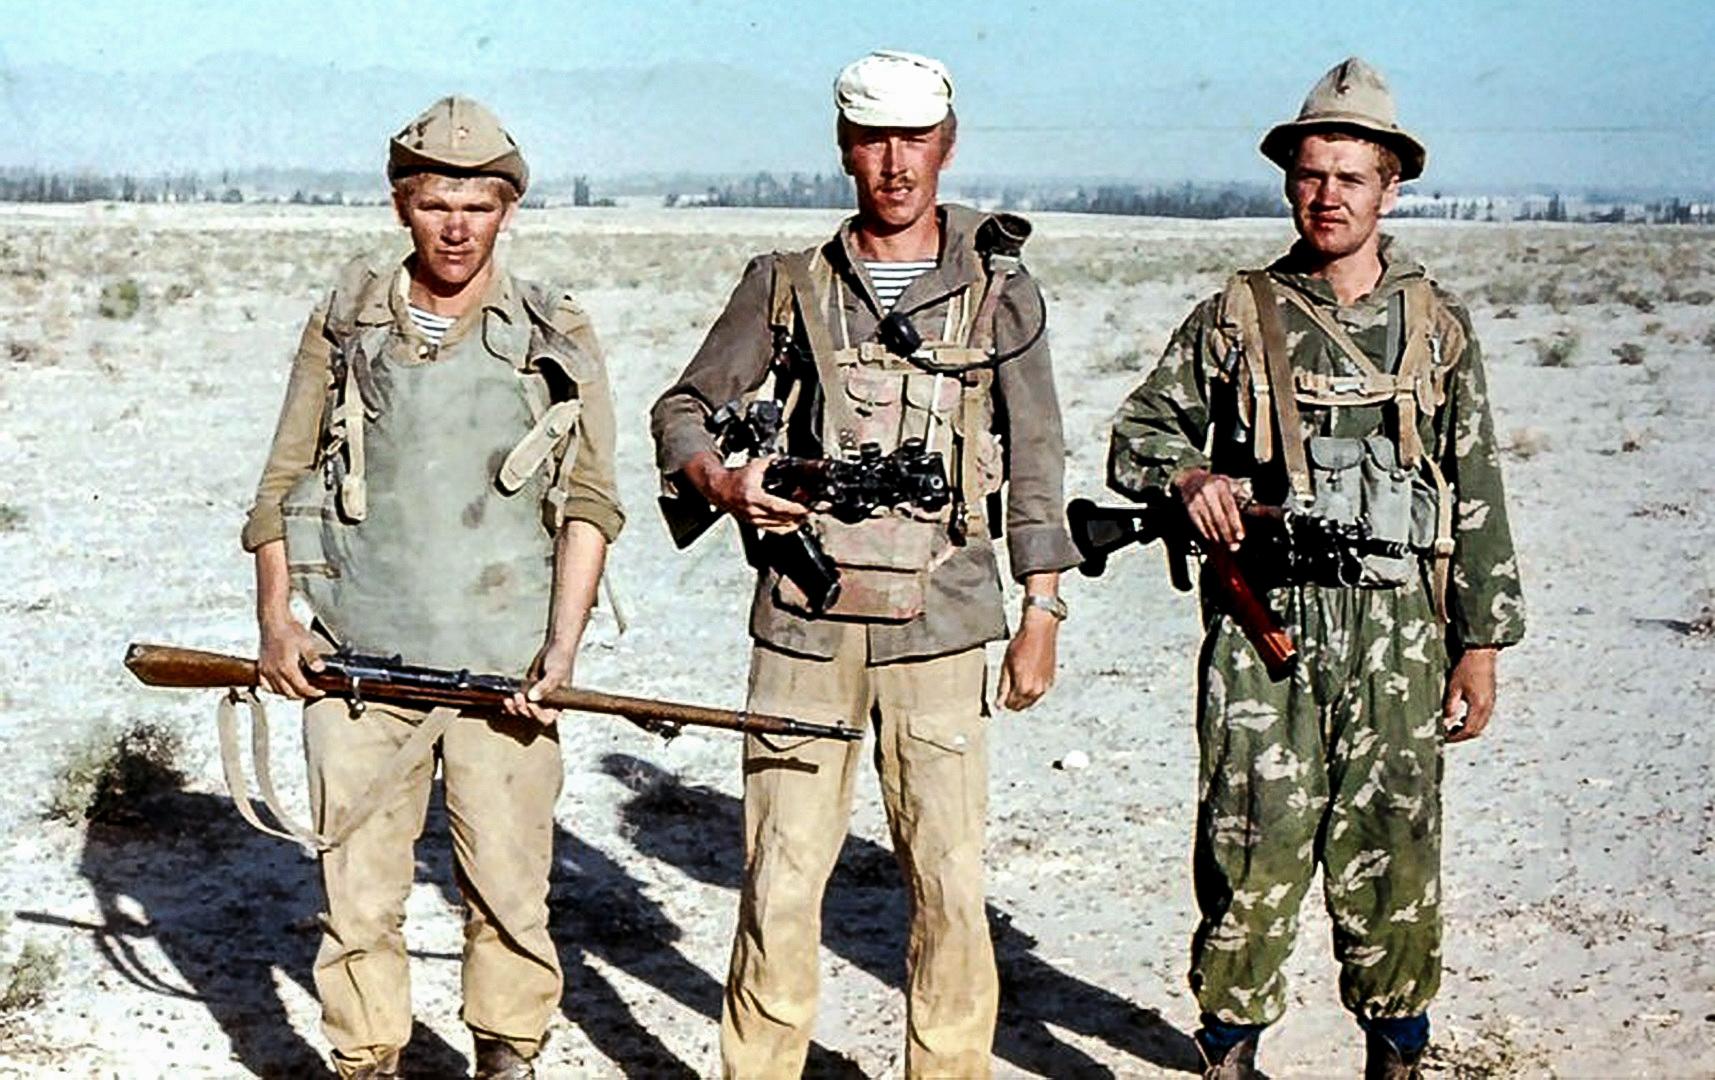 После начала боевых действий в Афганистане весь запас бронежилетов 6Б1 был сразу передан в действующую 40‑ю армию. Однако для условий гор этот бронежилет оказался слишком тяжёлым. На фото: советские солдаты в ДРА